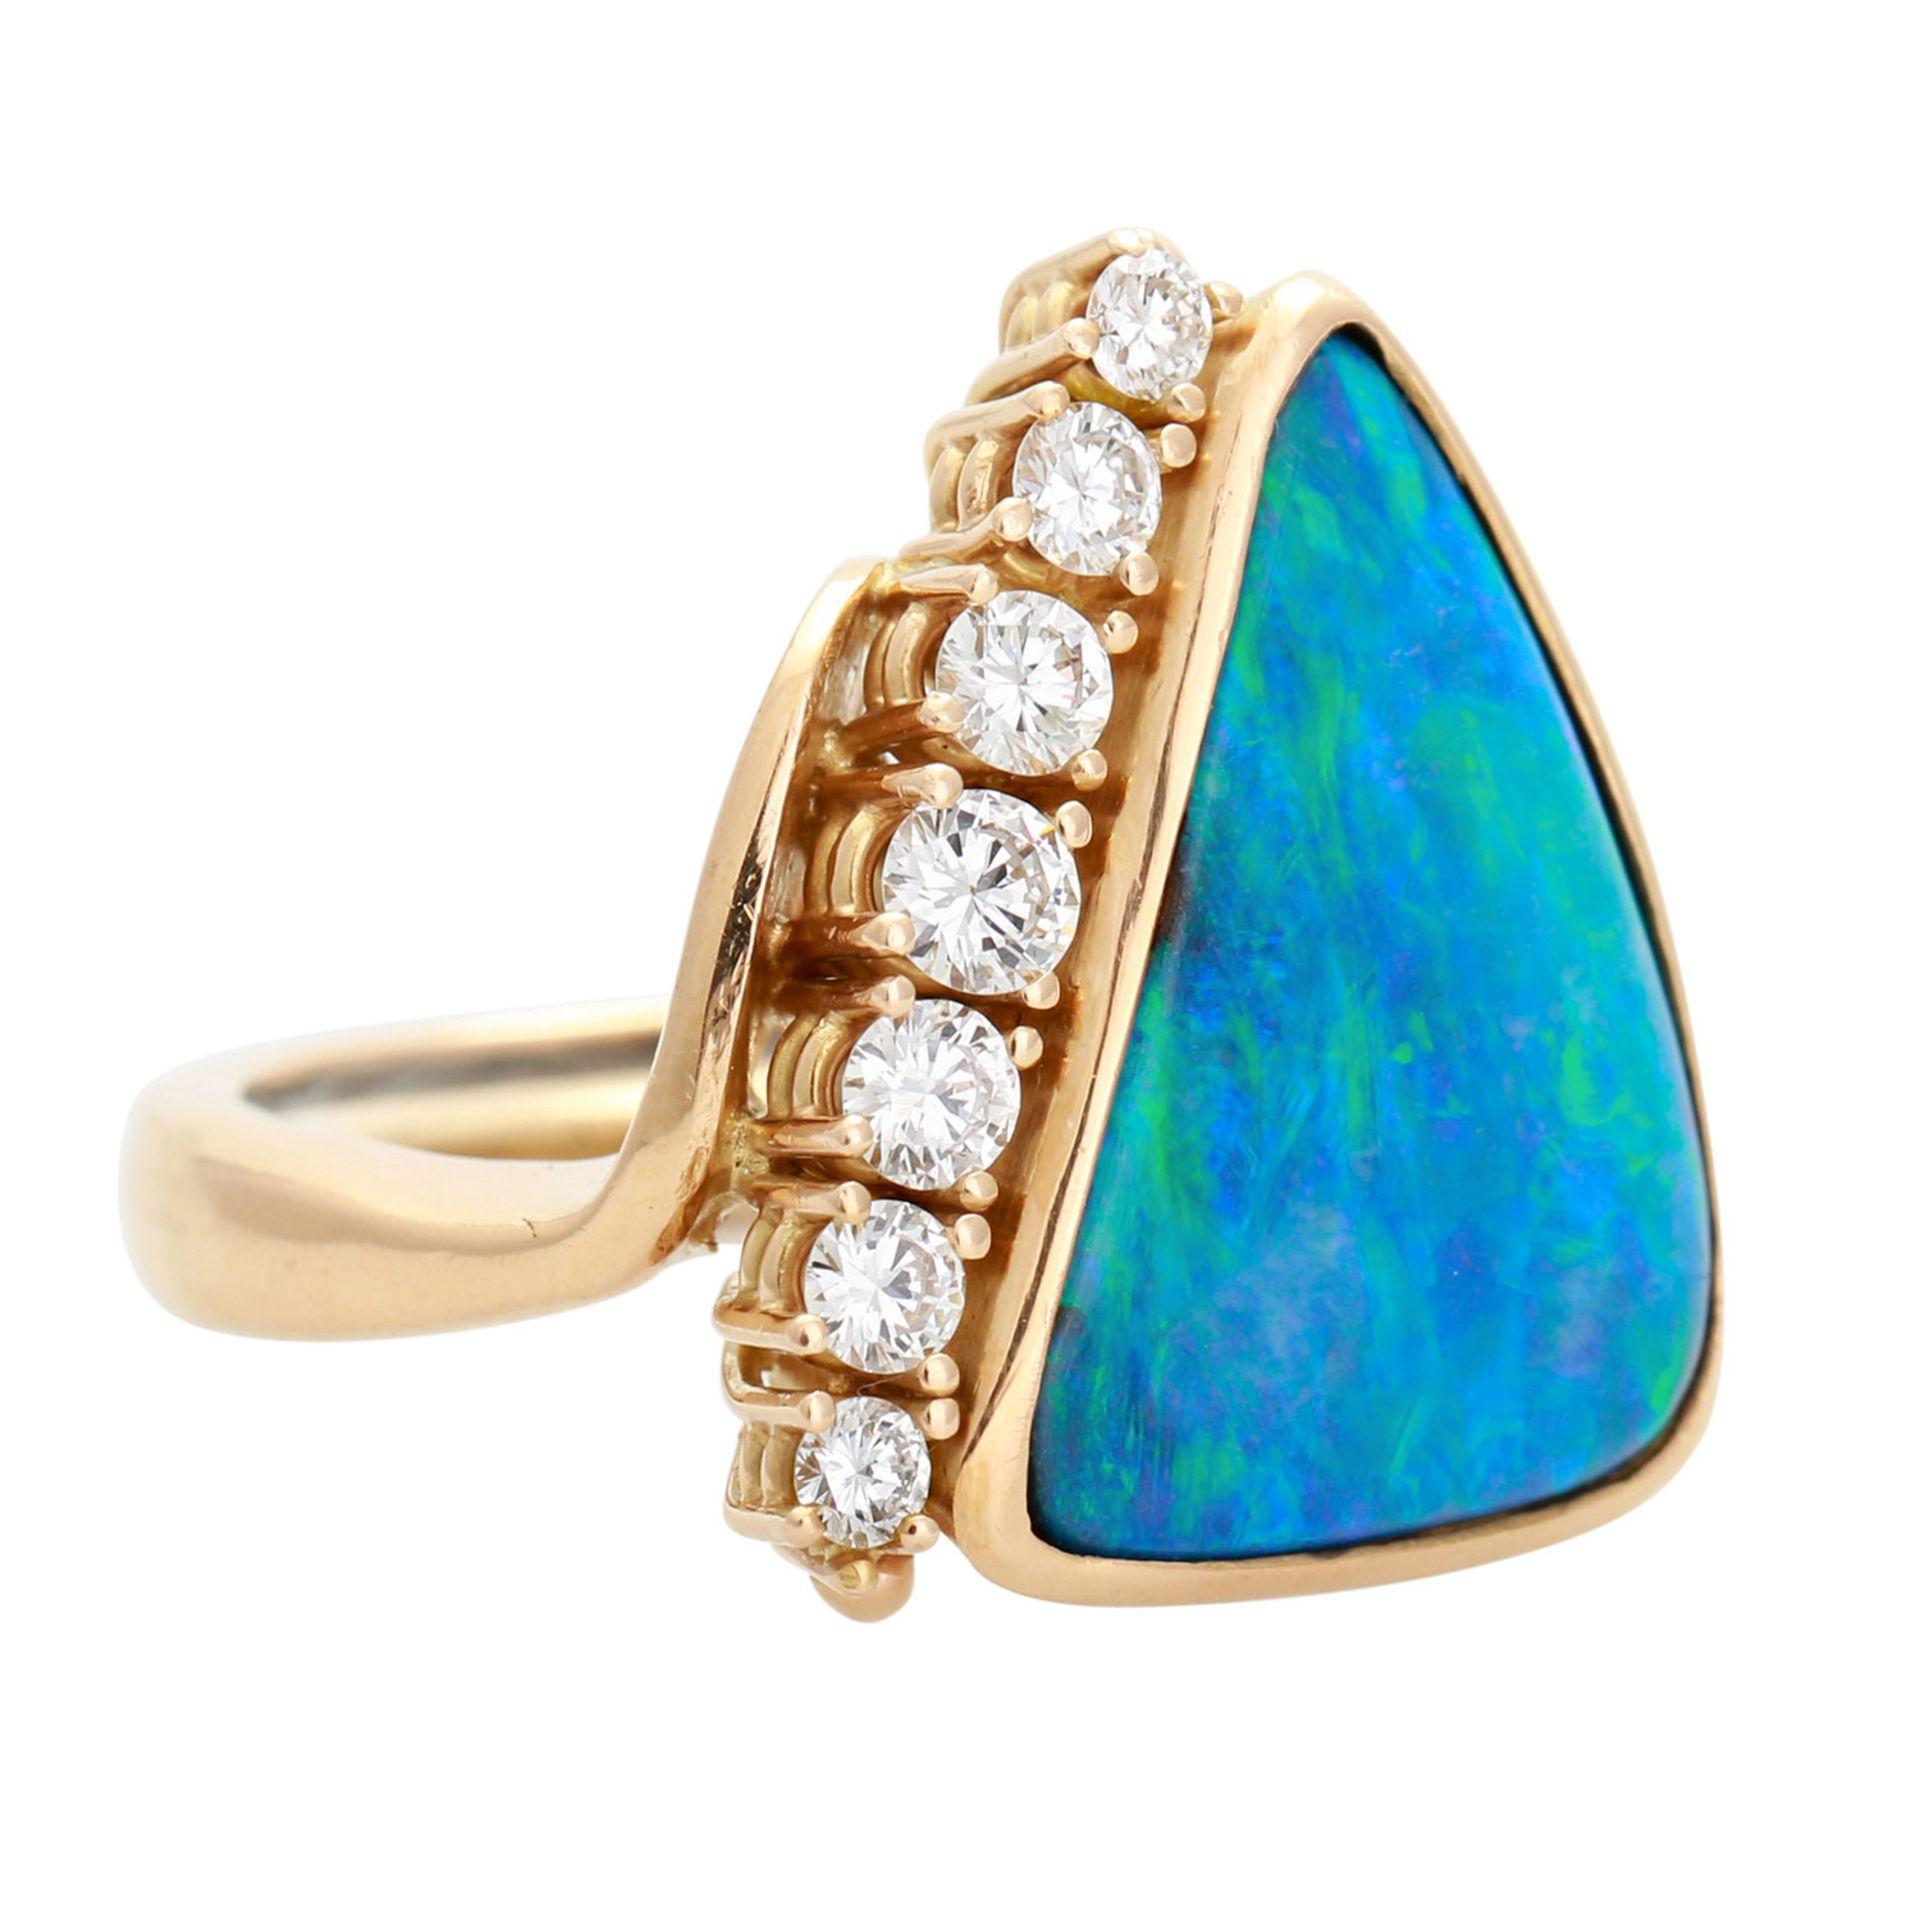 Los 74 - Ring mit Boulderopal und Diamanten, 1 feiner Opal mit grünen und blauen Farbreflexen, 7 Brillanten